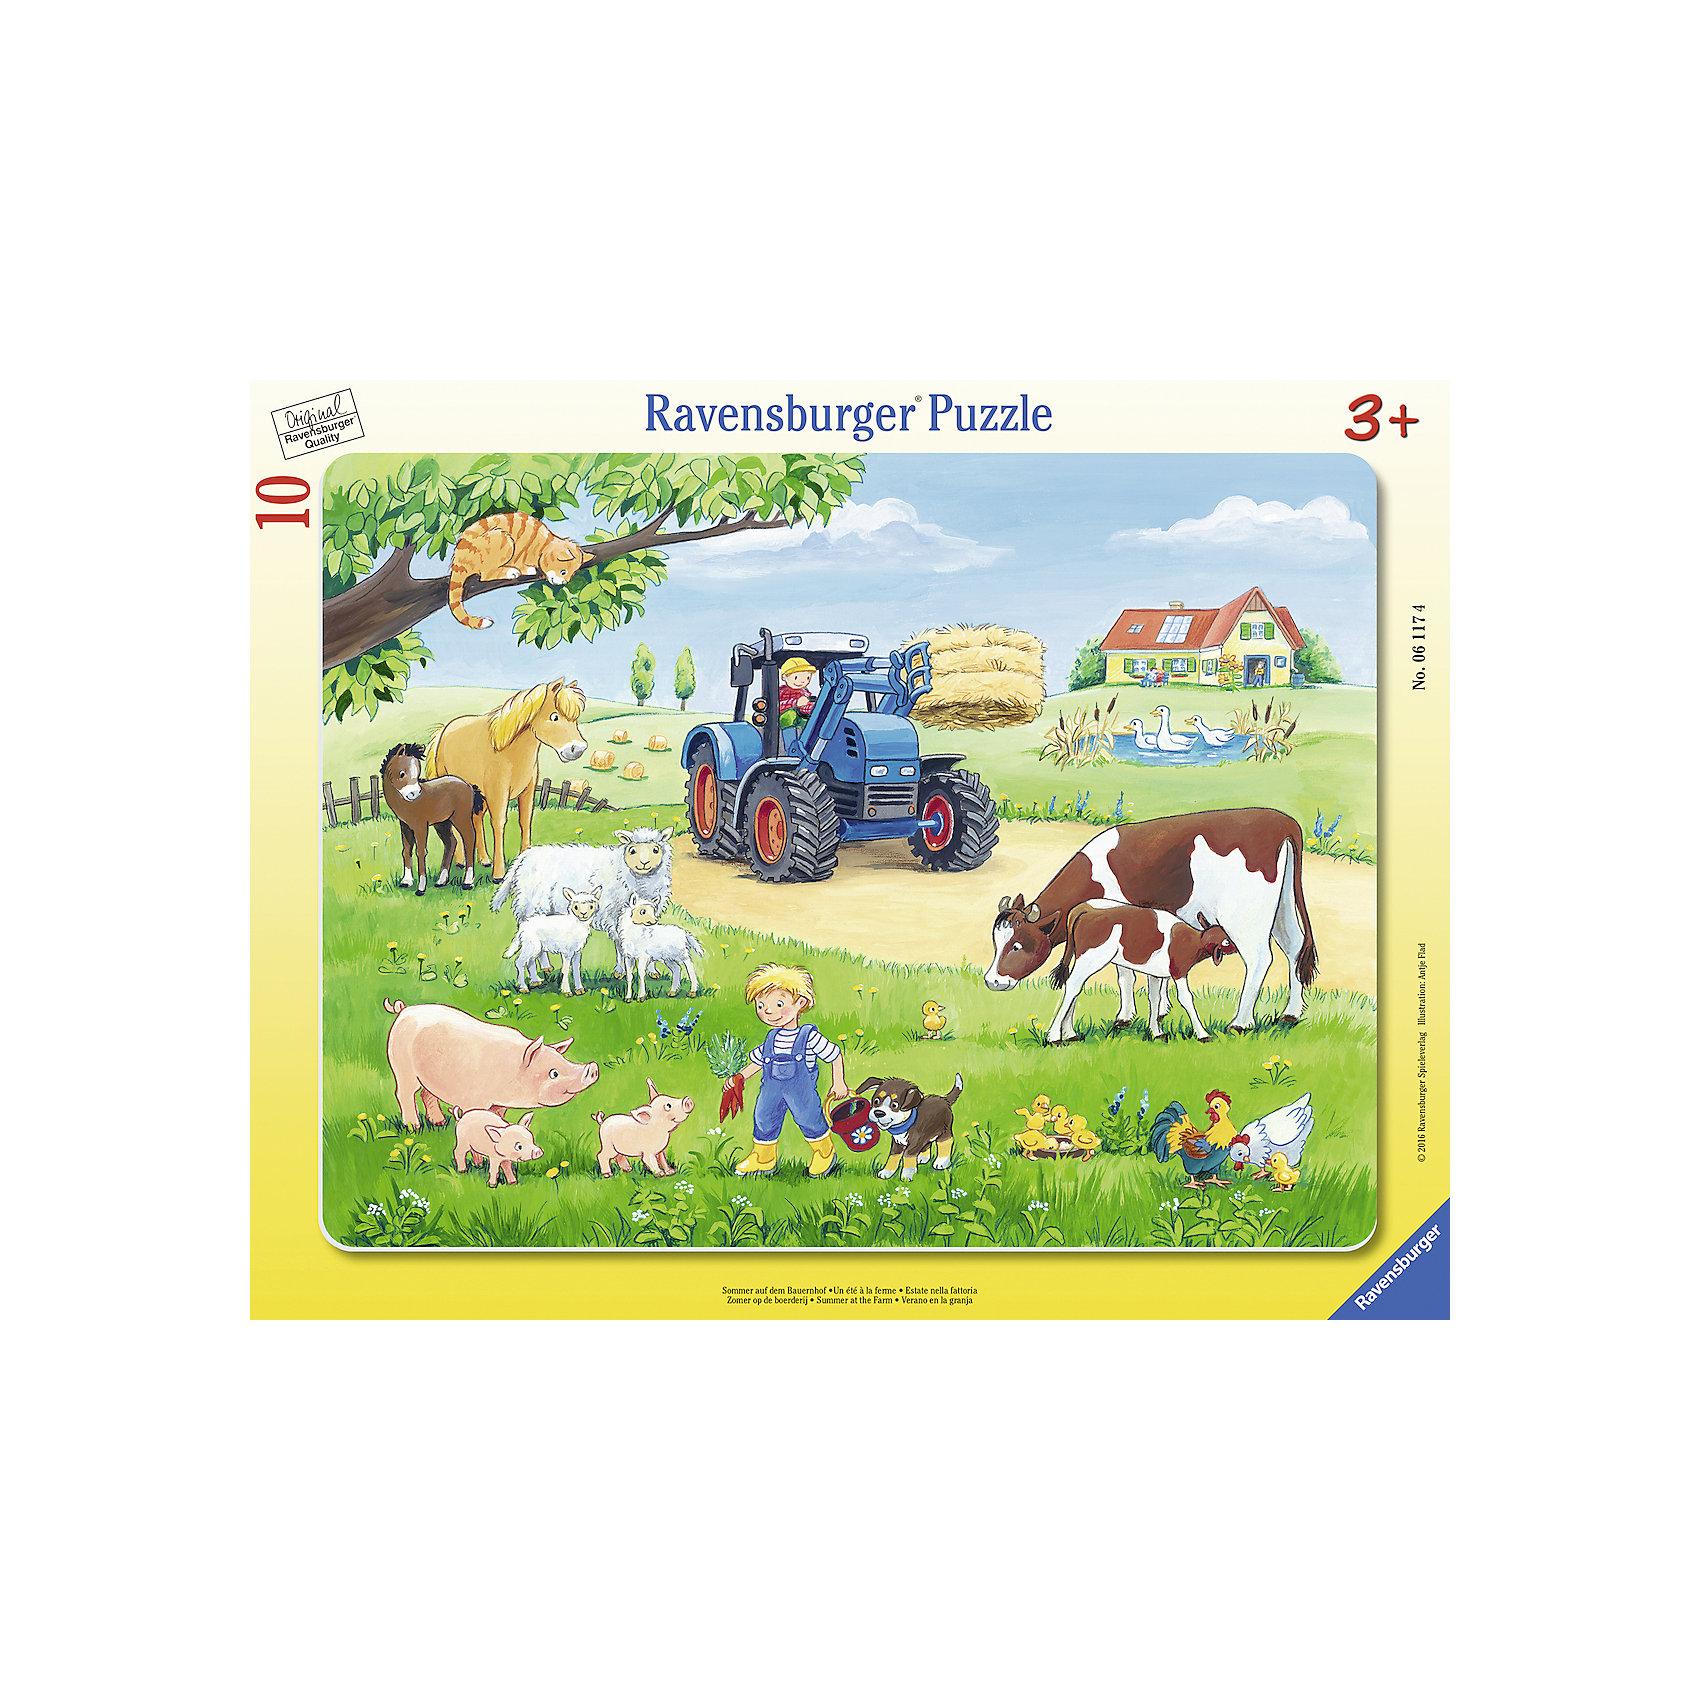 Пазл «Лето в деревне», 10 деталей, RavensburgerПазлы для малышей<br>Пазл «Лето в деревне», 10 деталей, Ravensburger (Равенсбургер).<br><br>Характеристика:<br><br>• Материал: картон. <br>• Размер упаковки: 37,3х<br>23,3х5 см. <br>• Размер готовой картинки: 32,5х24,5 см. <br>• Количество деталей: 10.<br><br>Дети обожают собирать пазлы. Это очень интересное и полезное занятие, которое поможет ребенку развить мелкую моторику, внимание, цветовосприятие, усидчивость и образное мышление. Получившаяся яркая картинка станет прекрасным украшением комнаты или же отличным подарком, сделанным своими руками. <br><br>Пазл «Лето в деревне», 10 деталей, Ravensburger (Равенсбургер), можно купить в нашем интернет-магазине.<br><br>Ширина мм: 376<br>Глубина мм: 292<br>Высота мм: 10<br>Вес г: 293<br>Возраст от месяцев: 36<br>Возраст до месяцев: 60<br>Пол: Унисекс<br>Возраст: Детский<br>Количество деталей: 10<br>SKU: 4441673